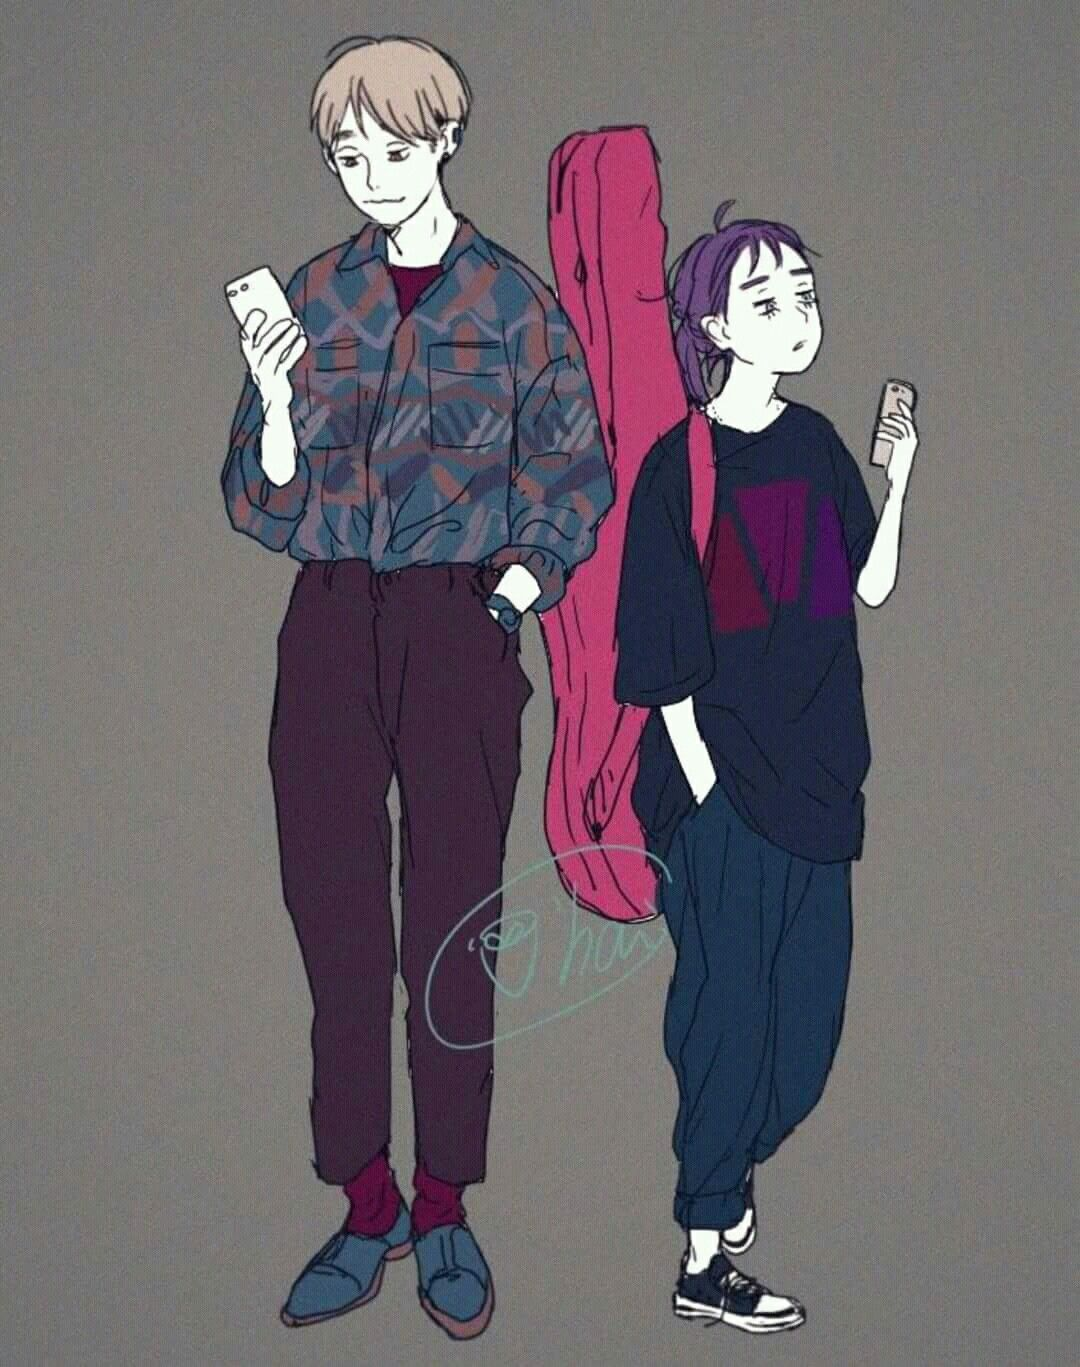 「Drawing」おしゃれまとめの人気アイデア|Pinterest|No Name(画像あり) キャラクター